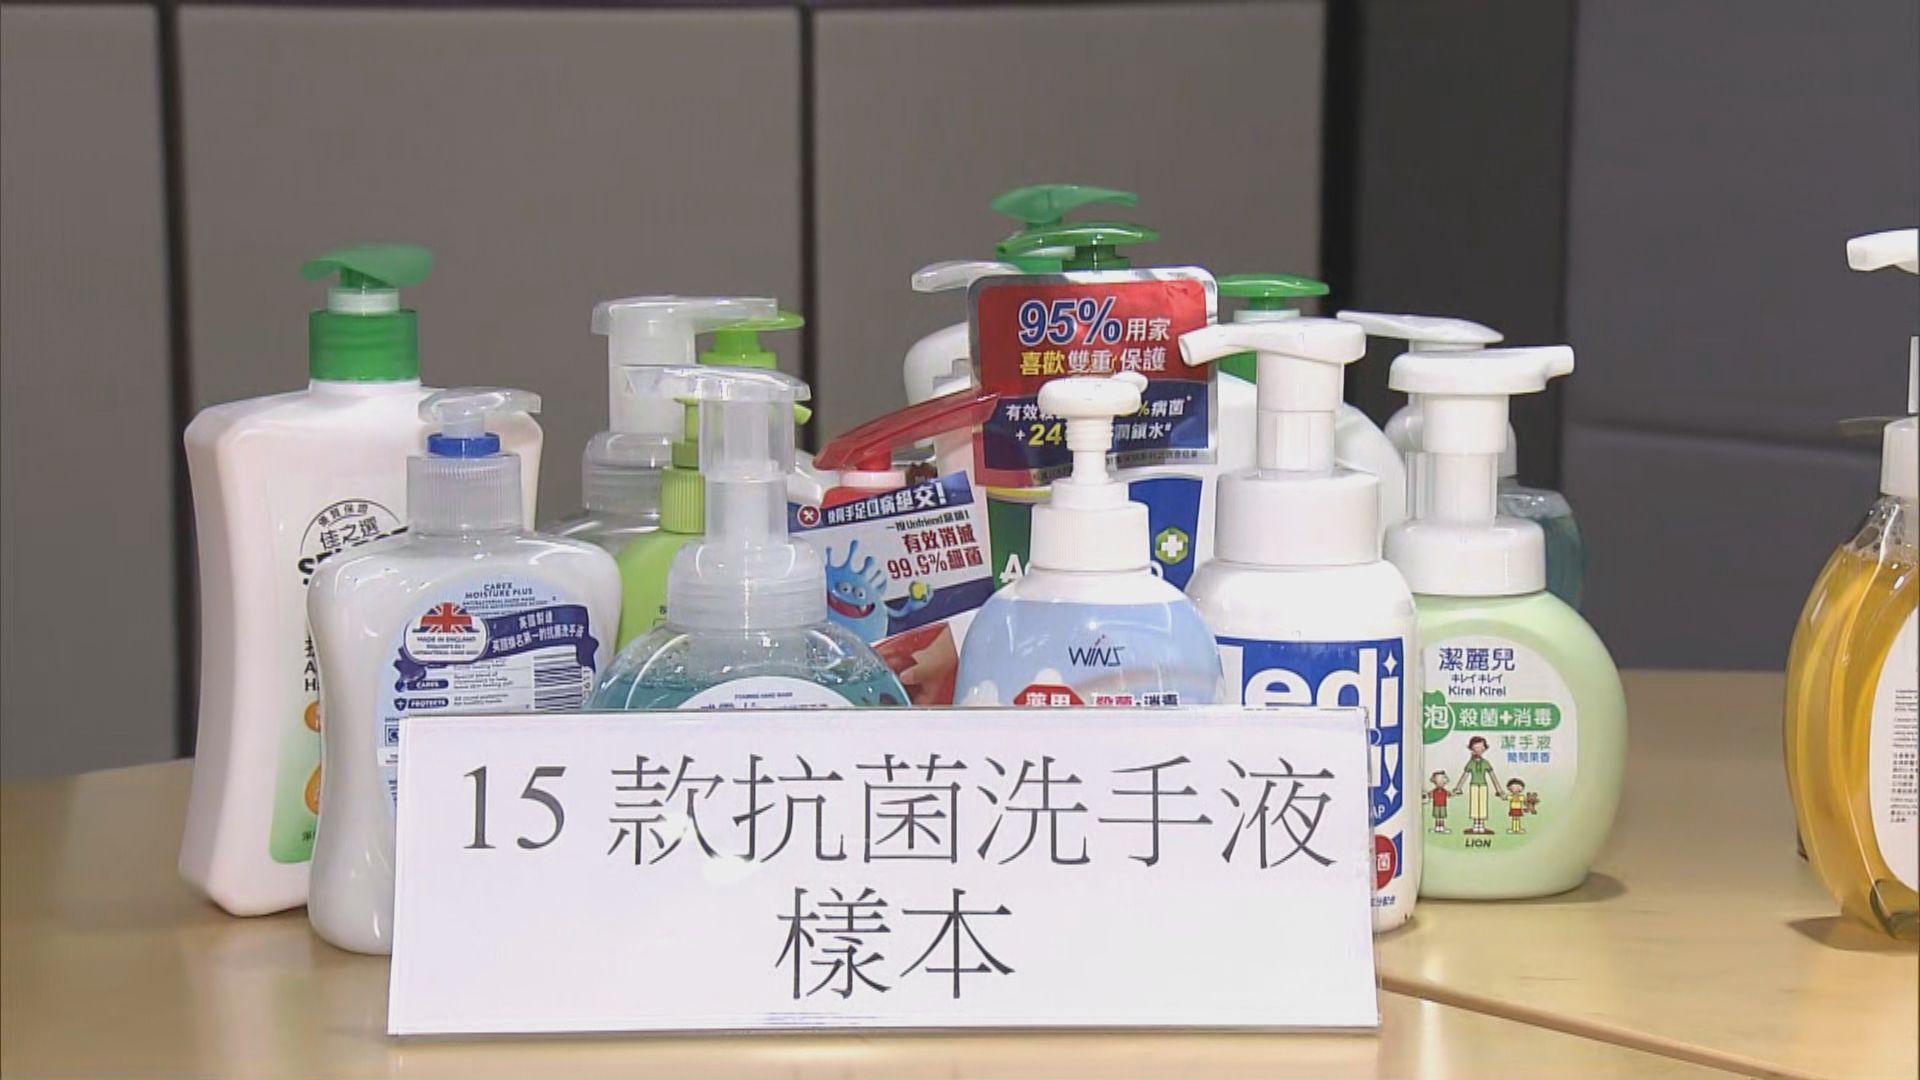 消委會:部分抗菌洗手液功效未達標